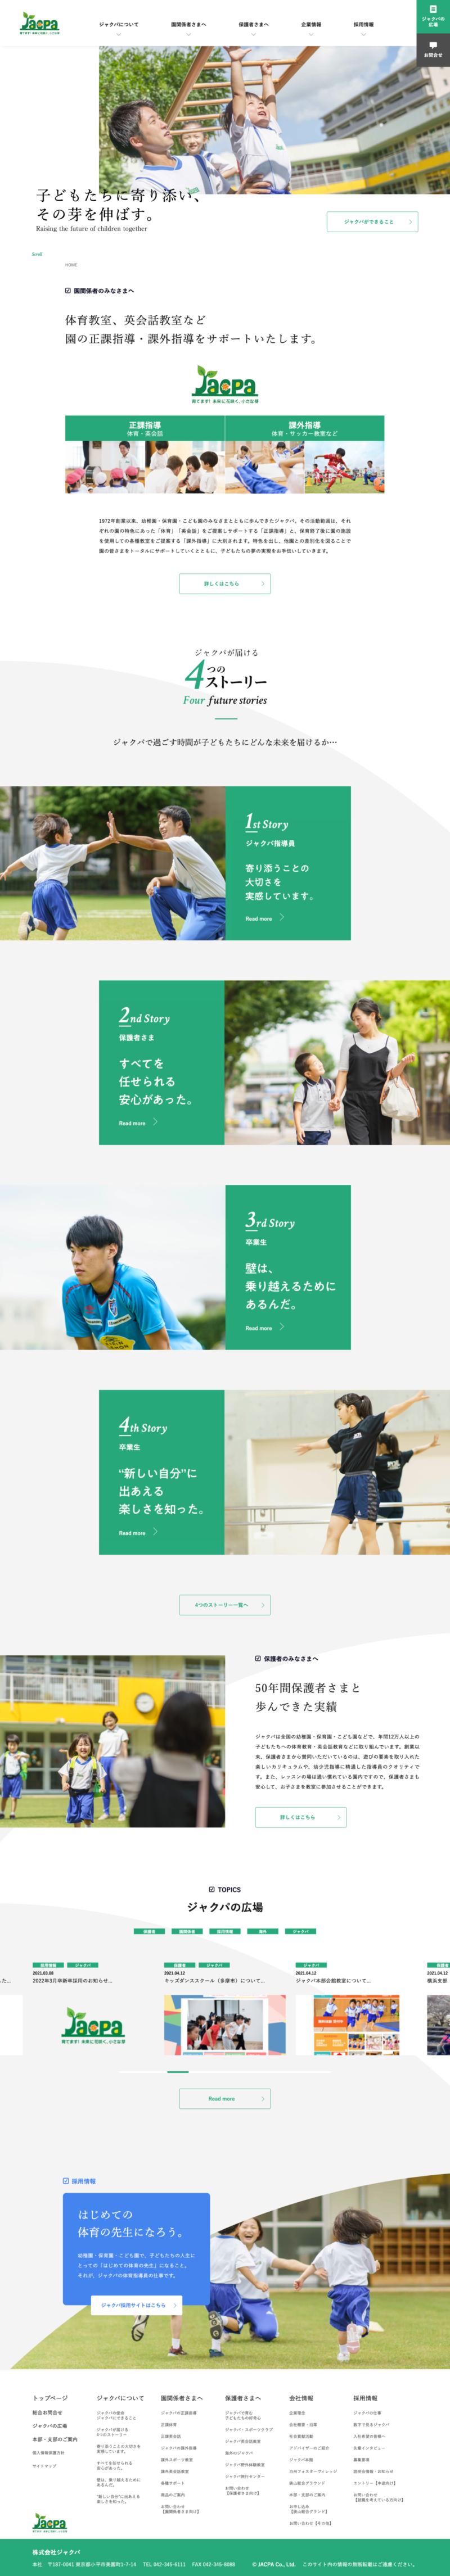 株式会社ジャクパ様|コーポレートサイト TOP